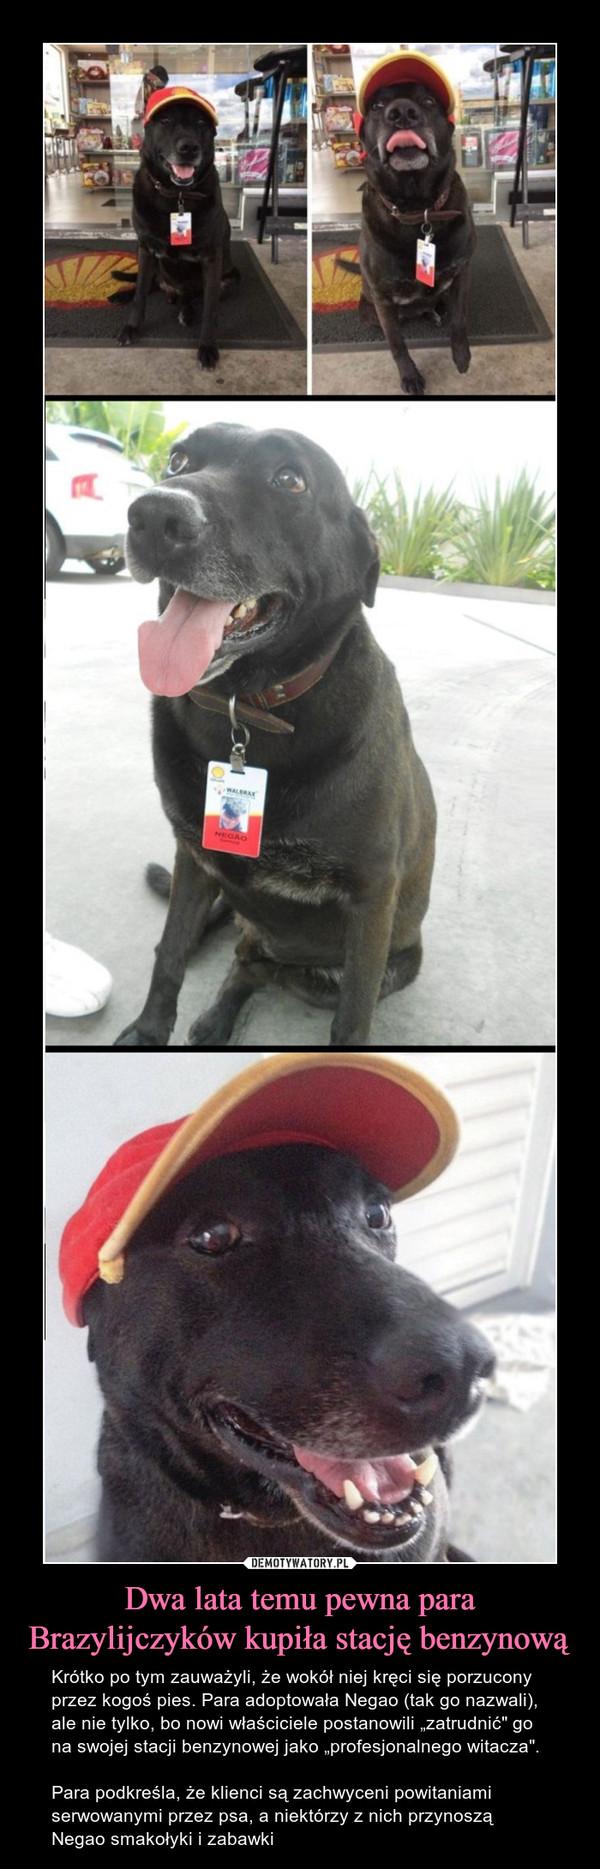 """Dwa lata temu pewna para Brazylijczyków kupiła stację benzynową – Krótko po tym zauważyli, że wokół niej kręci się porzucony przez kogoś pies. Para adoptowała Negao (tak go nazwali), ale nie tylko, bo nowi właściciele postanowili """"zatrudnić"""" go na swojej stacji benzynowej jako """"profesjonalnego witacza"""".Para podkreśla, że klienci są zachwyceni powitaniami serwowanymi przez psa, a niektórzy z nich przynoszą Negao smakołyki i zabawki"""